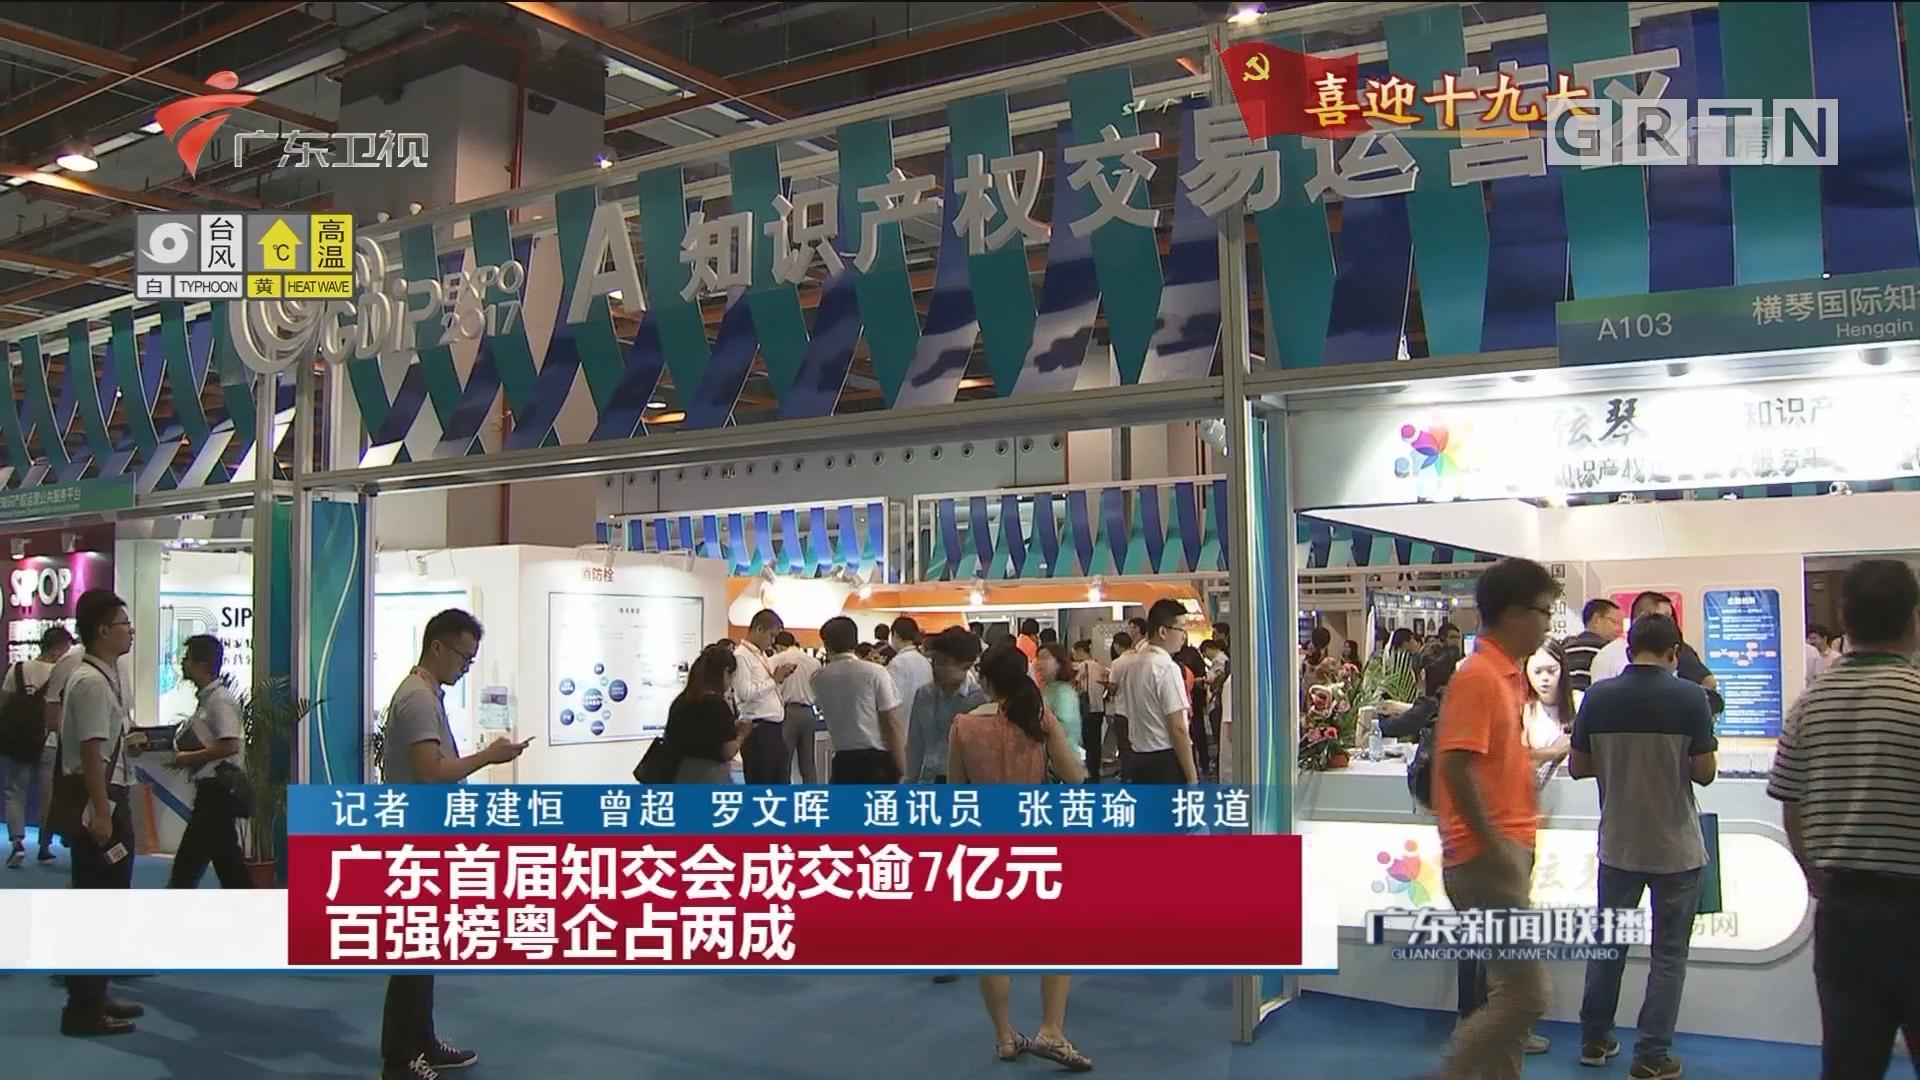 广东首届知交会成交逾7亿元 百强榜粤企占两成